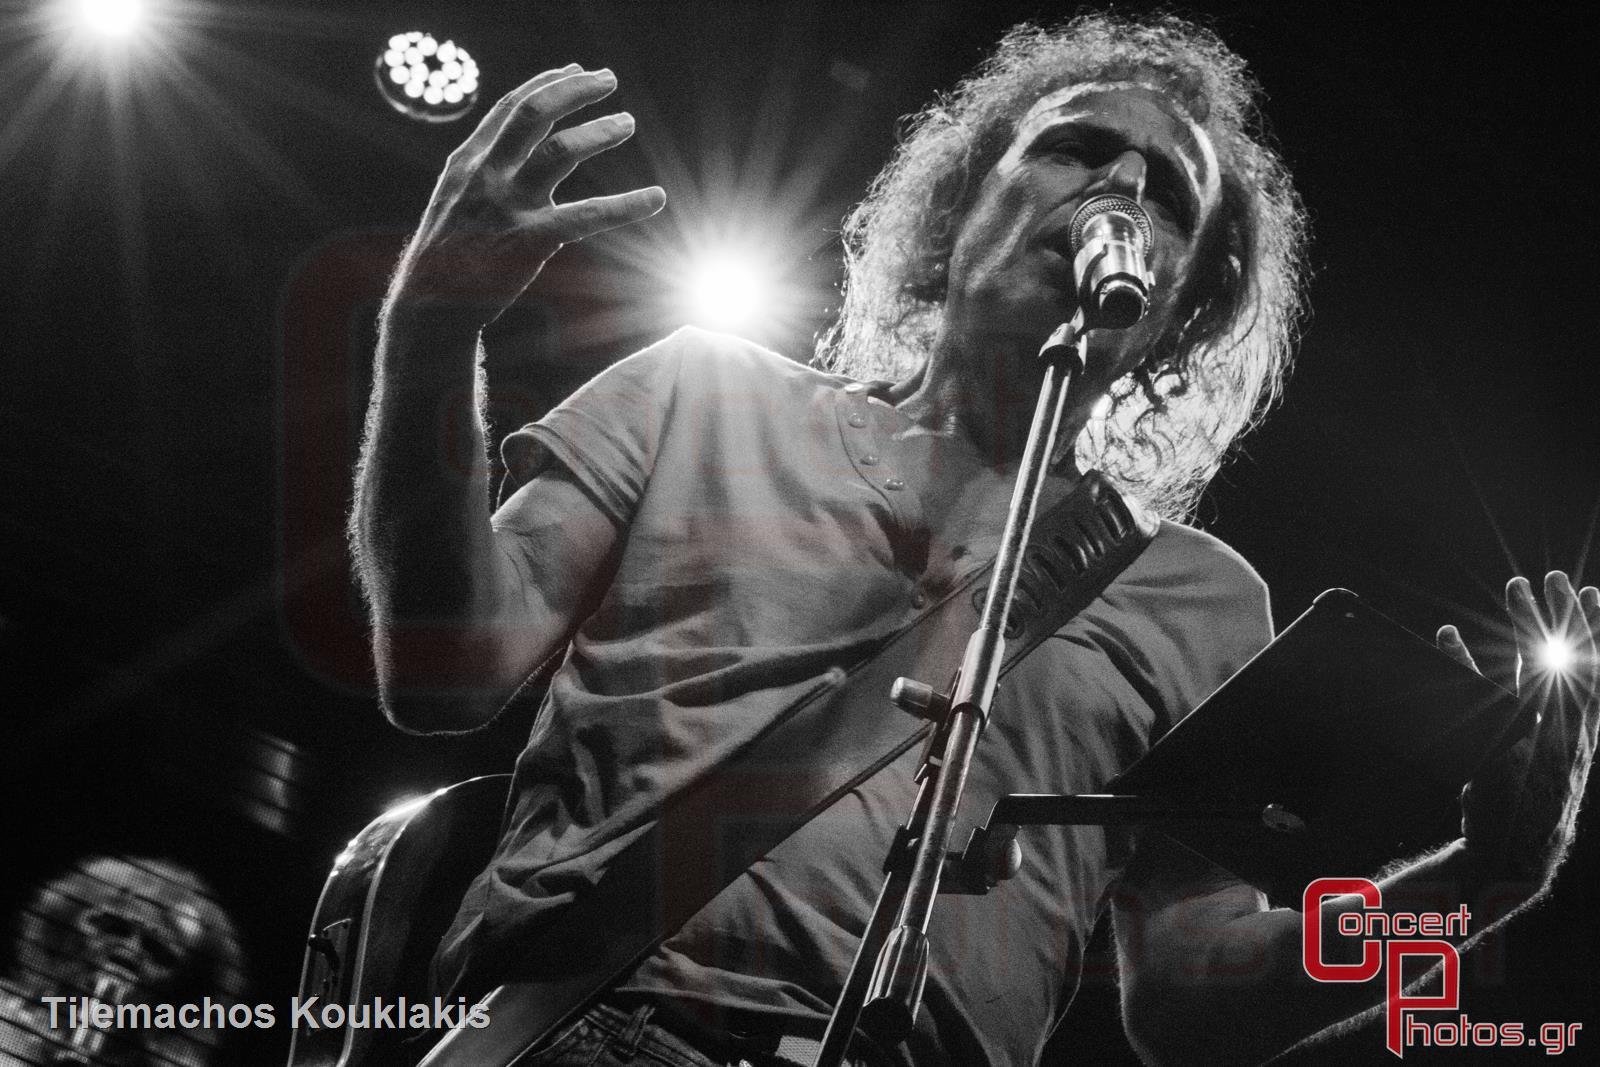 Βασίλης Παπακωνσταντίνου - 40 Χρόνια Έφηβος-Vasilis Papakonstantinou 40 Chronia Efivos photographer: Tilemachos Kouklakis - concertphotos_-4593